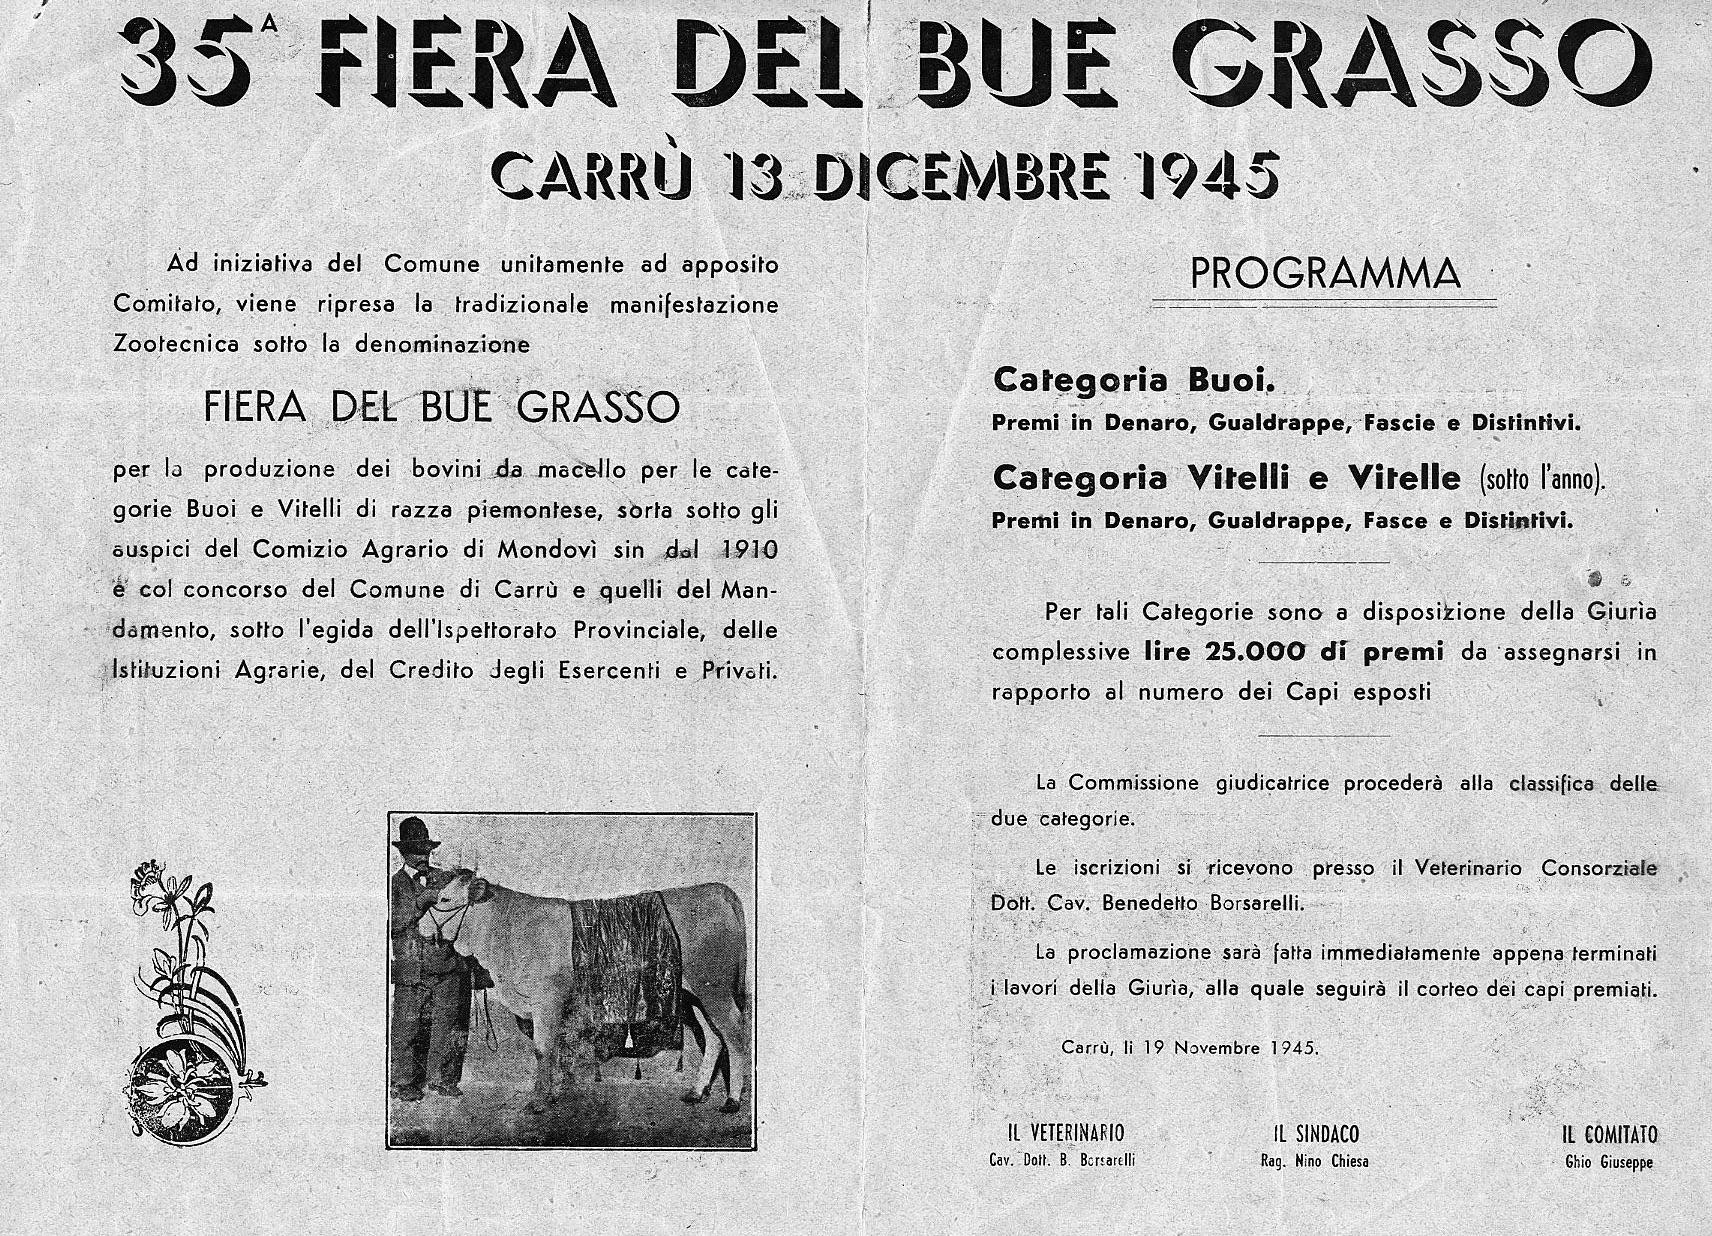 fiera del bue grasso 1934-55 018